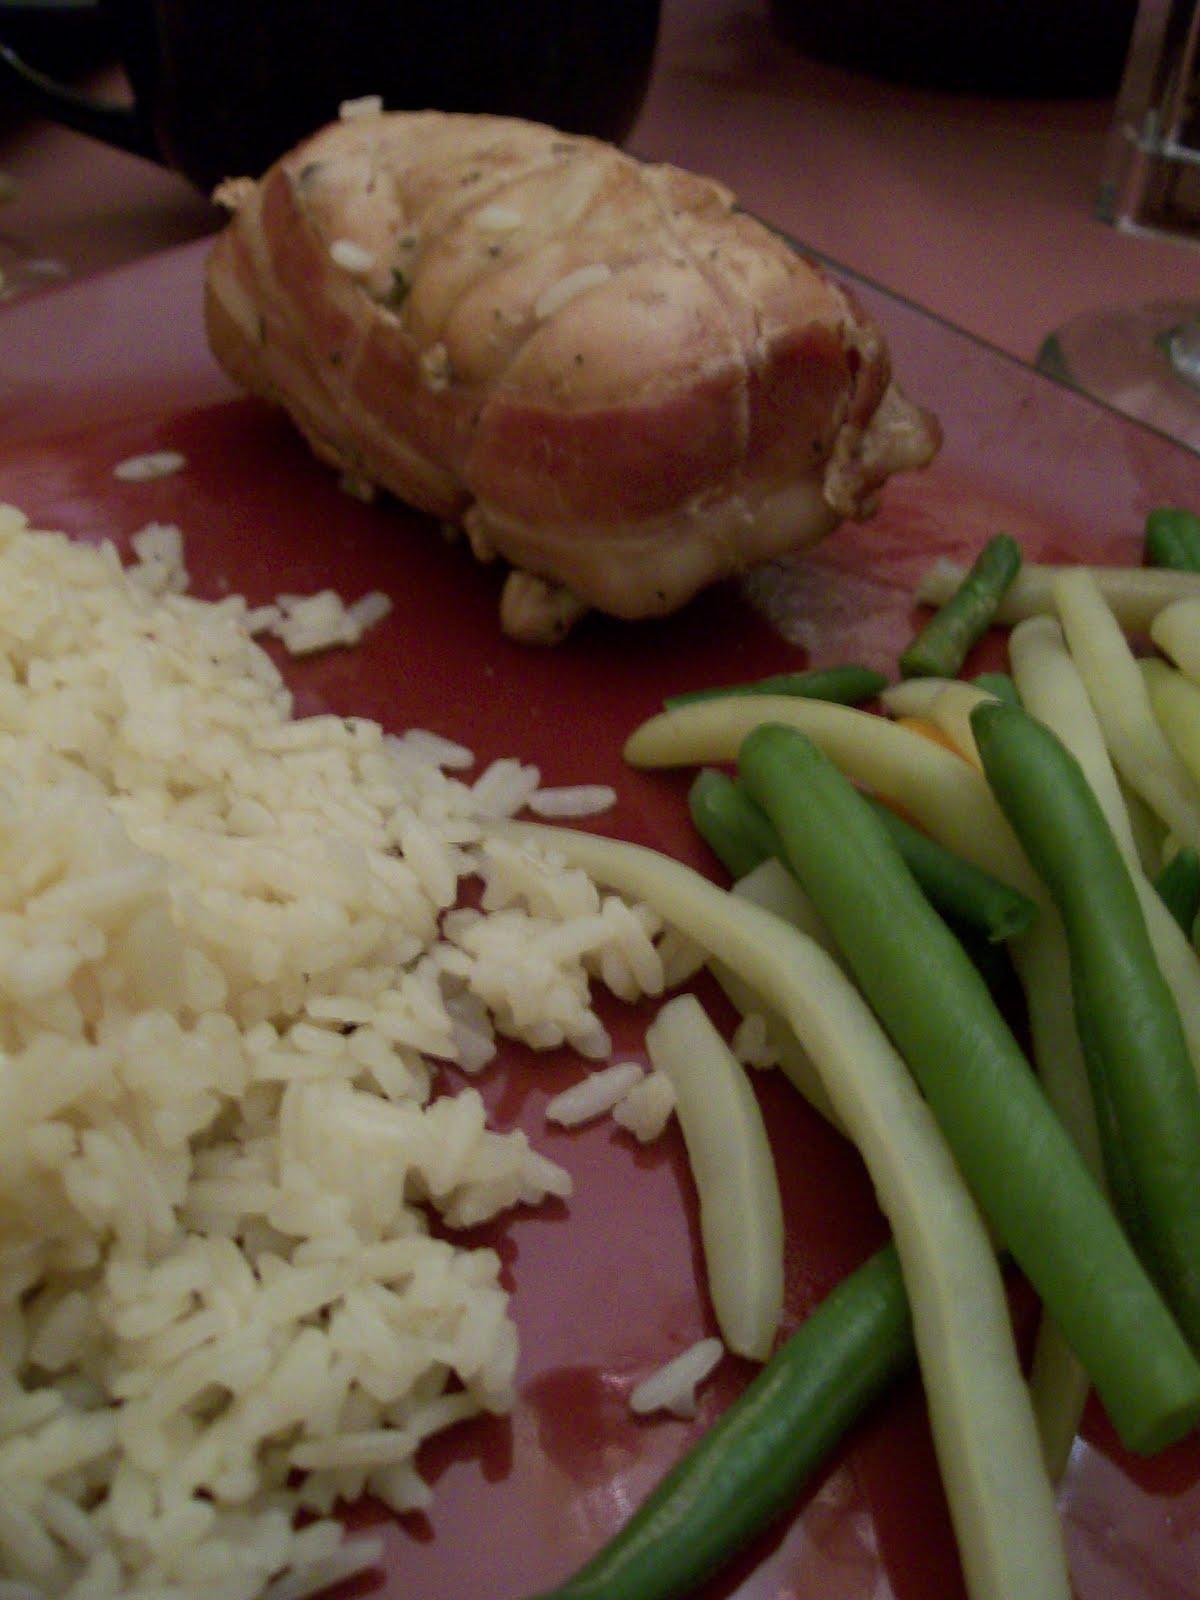 D lices et confession partage de recettes et d couvertes coq au porc de mamie - Cuisson oeuf a la coq ...